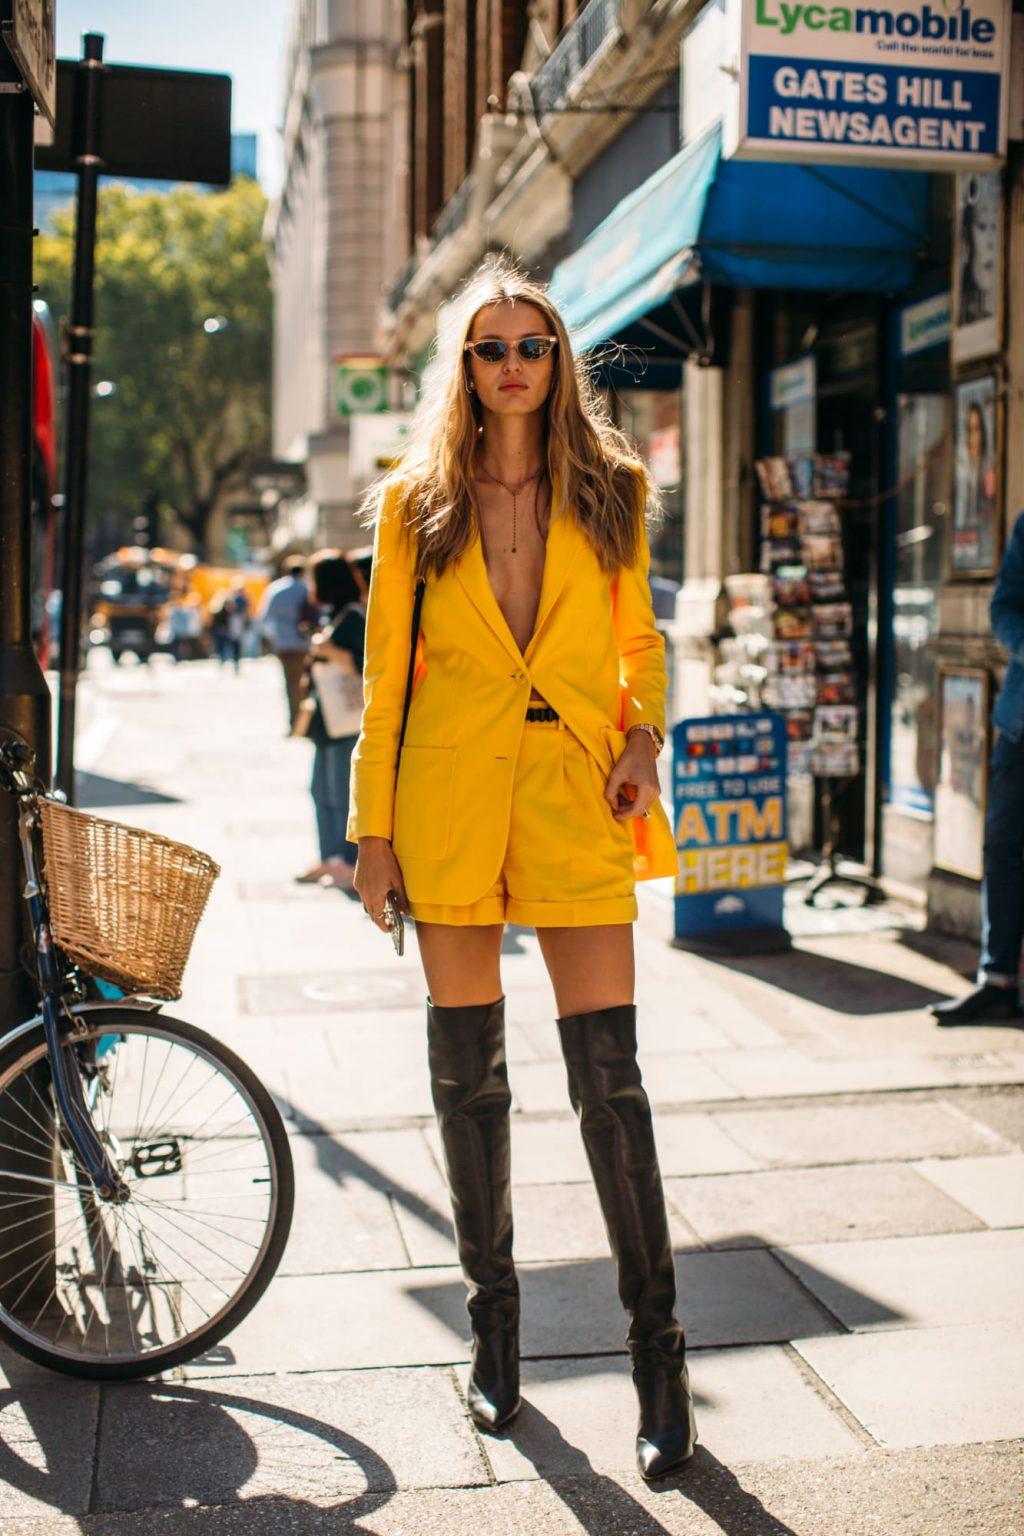 tuần lễ thời trang London 2019 13